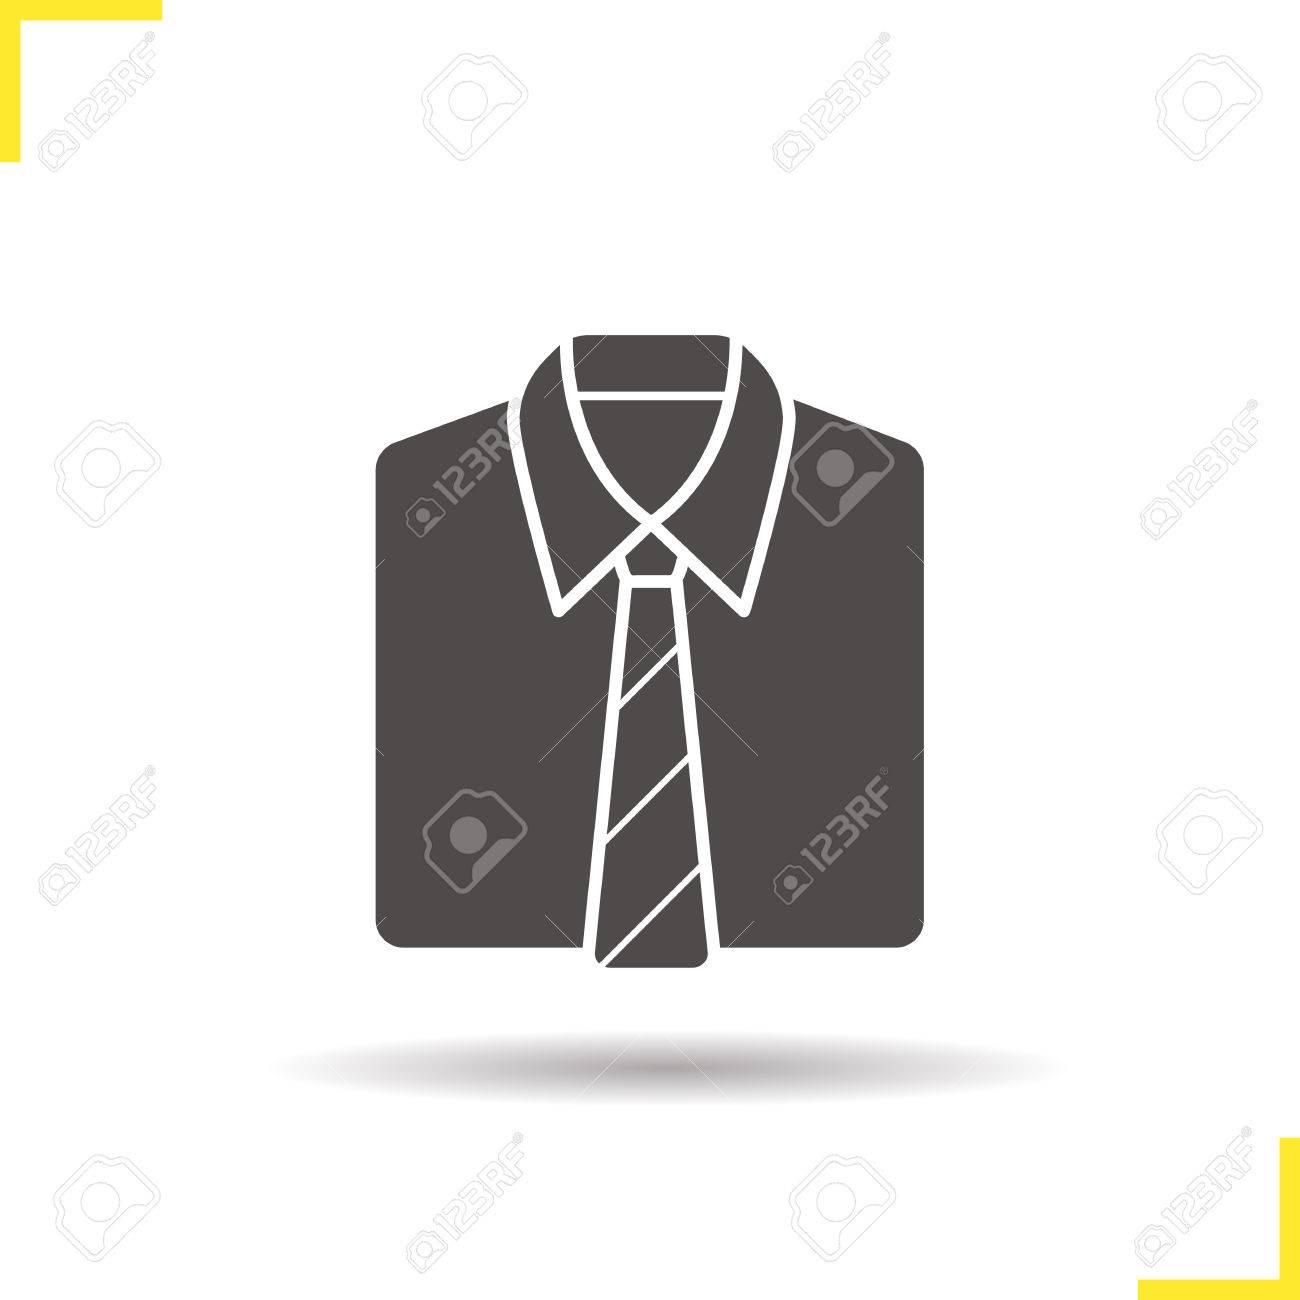 Chemise Et Cravate Icone Ombre Silhouette Symbole Uniforme Les